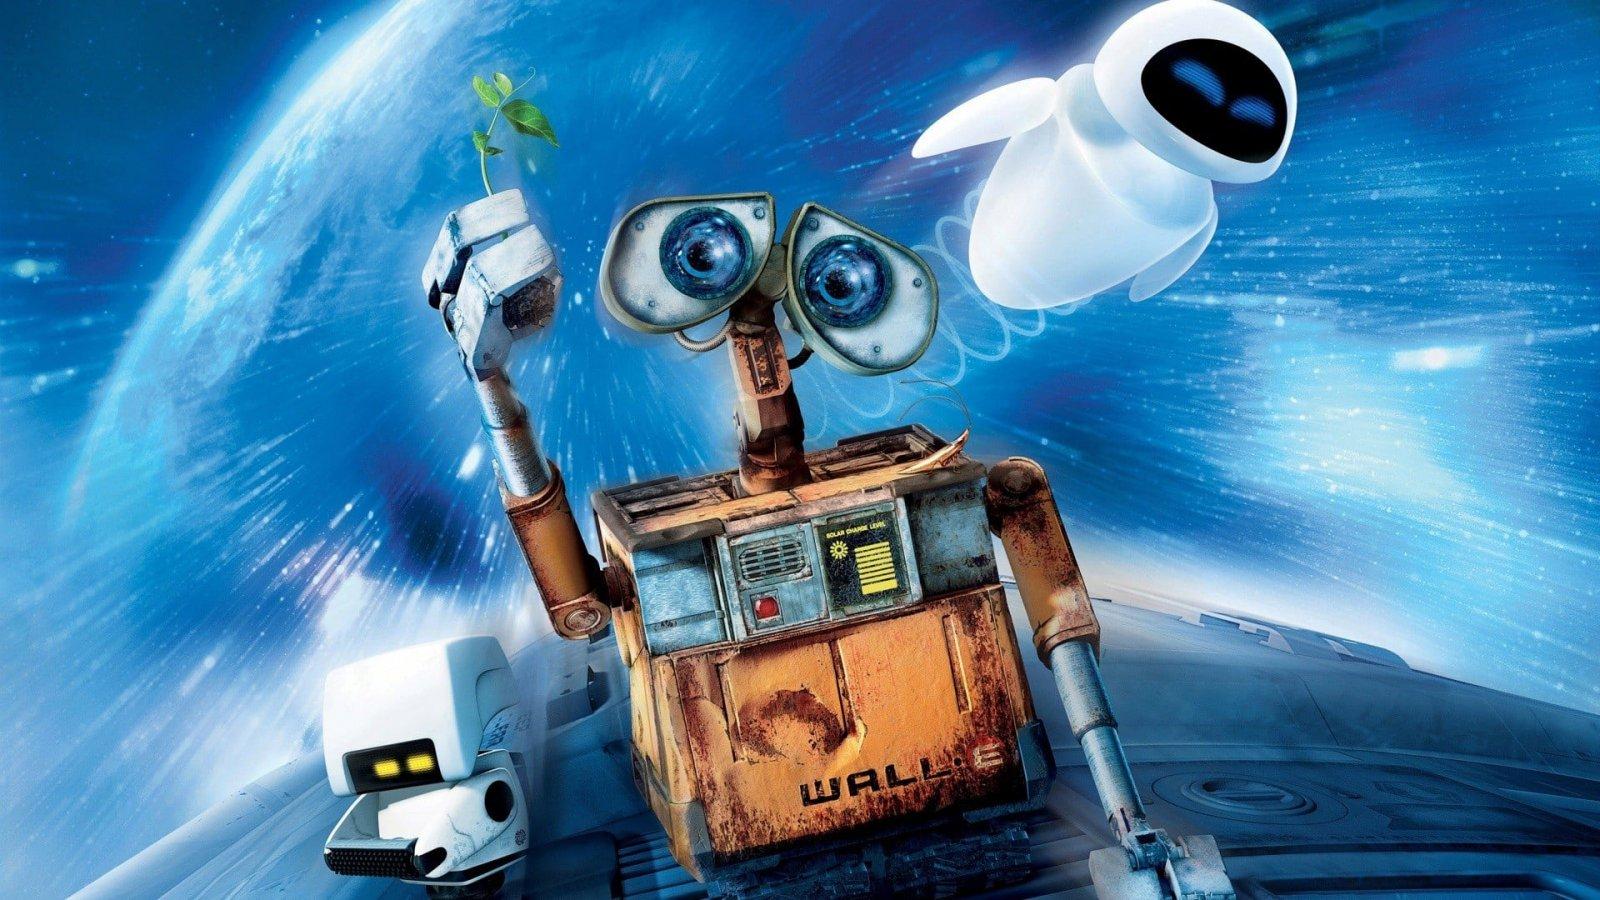 film_pixarweek_6.jpg